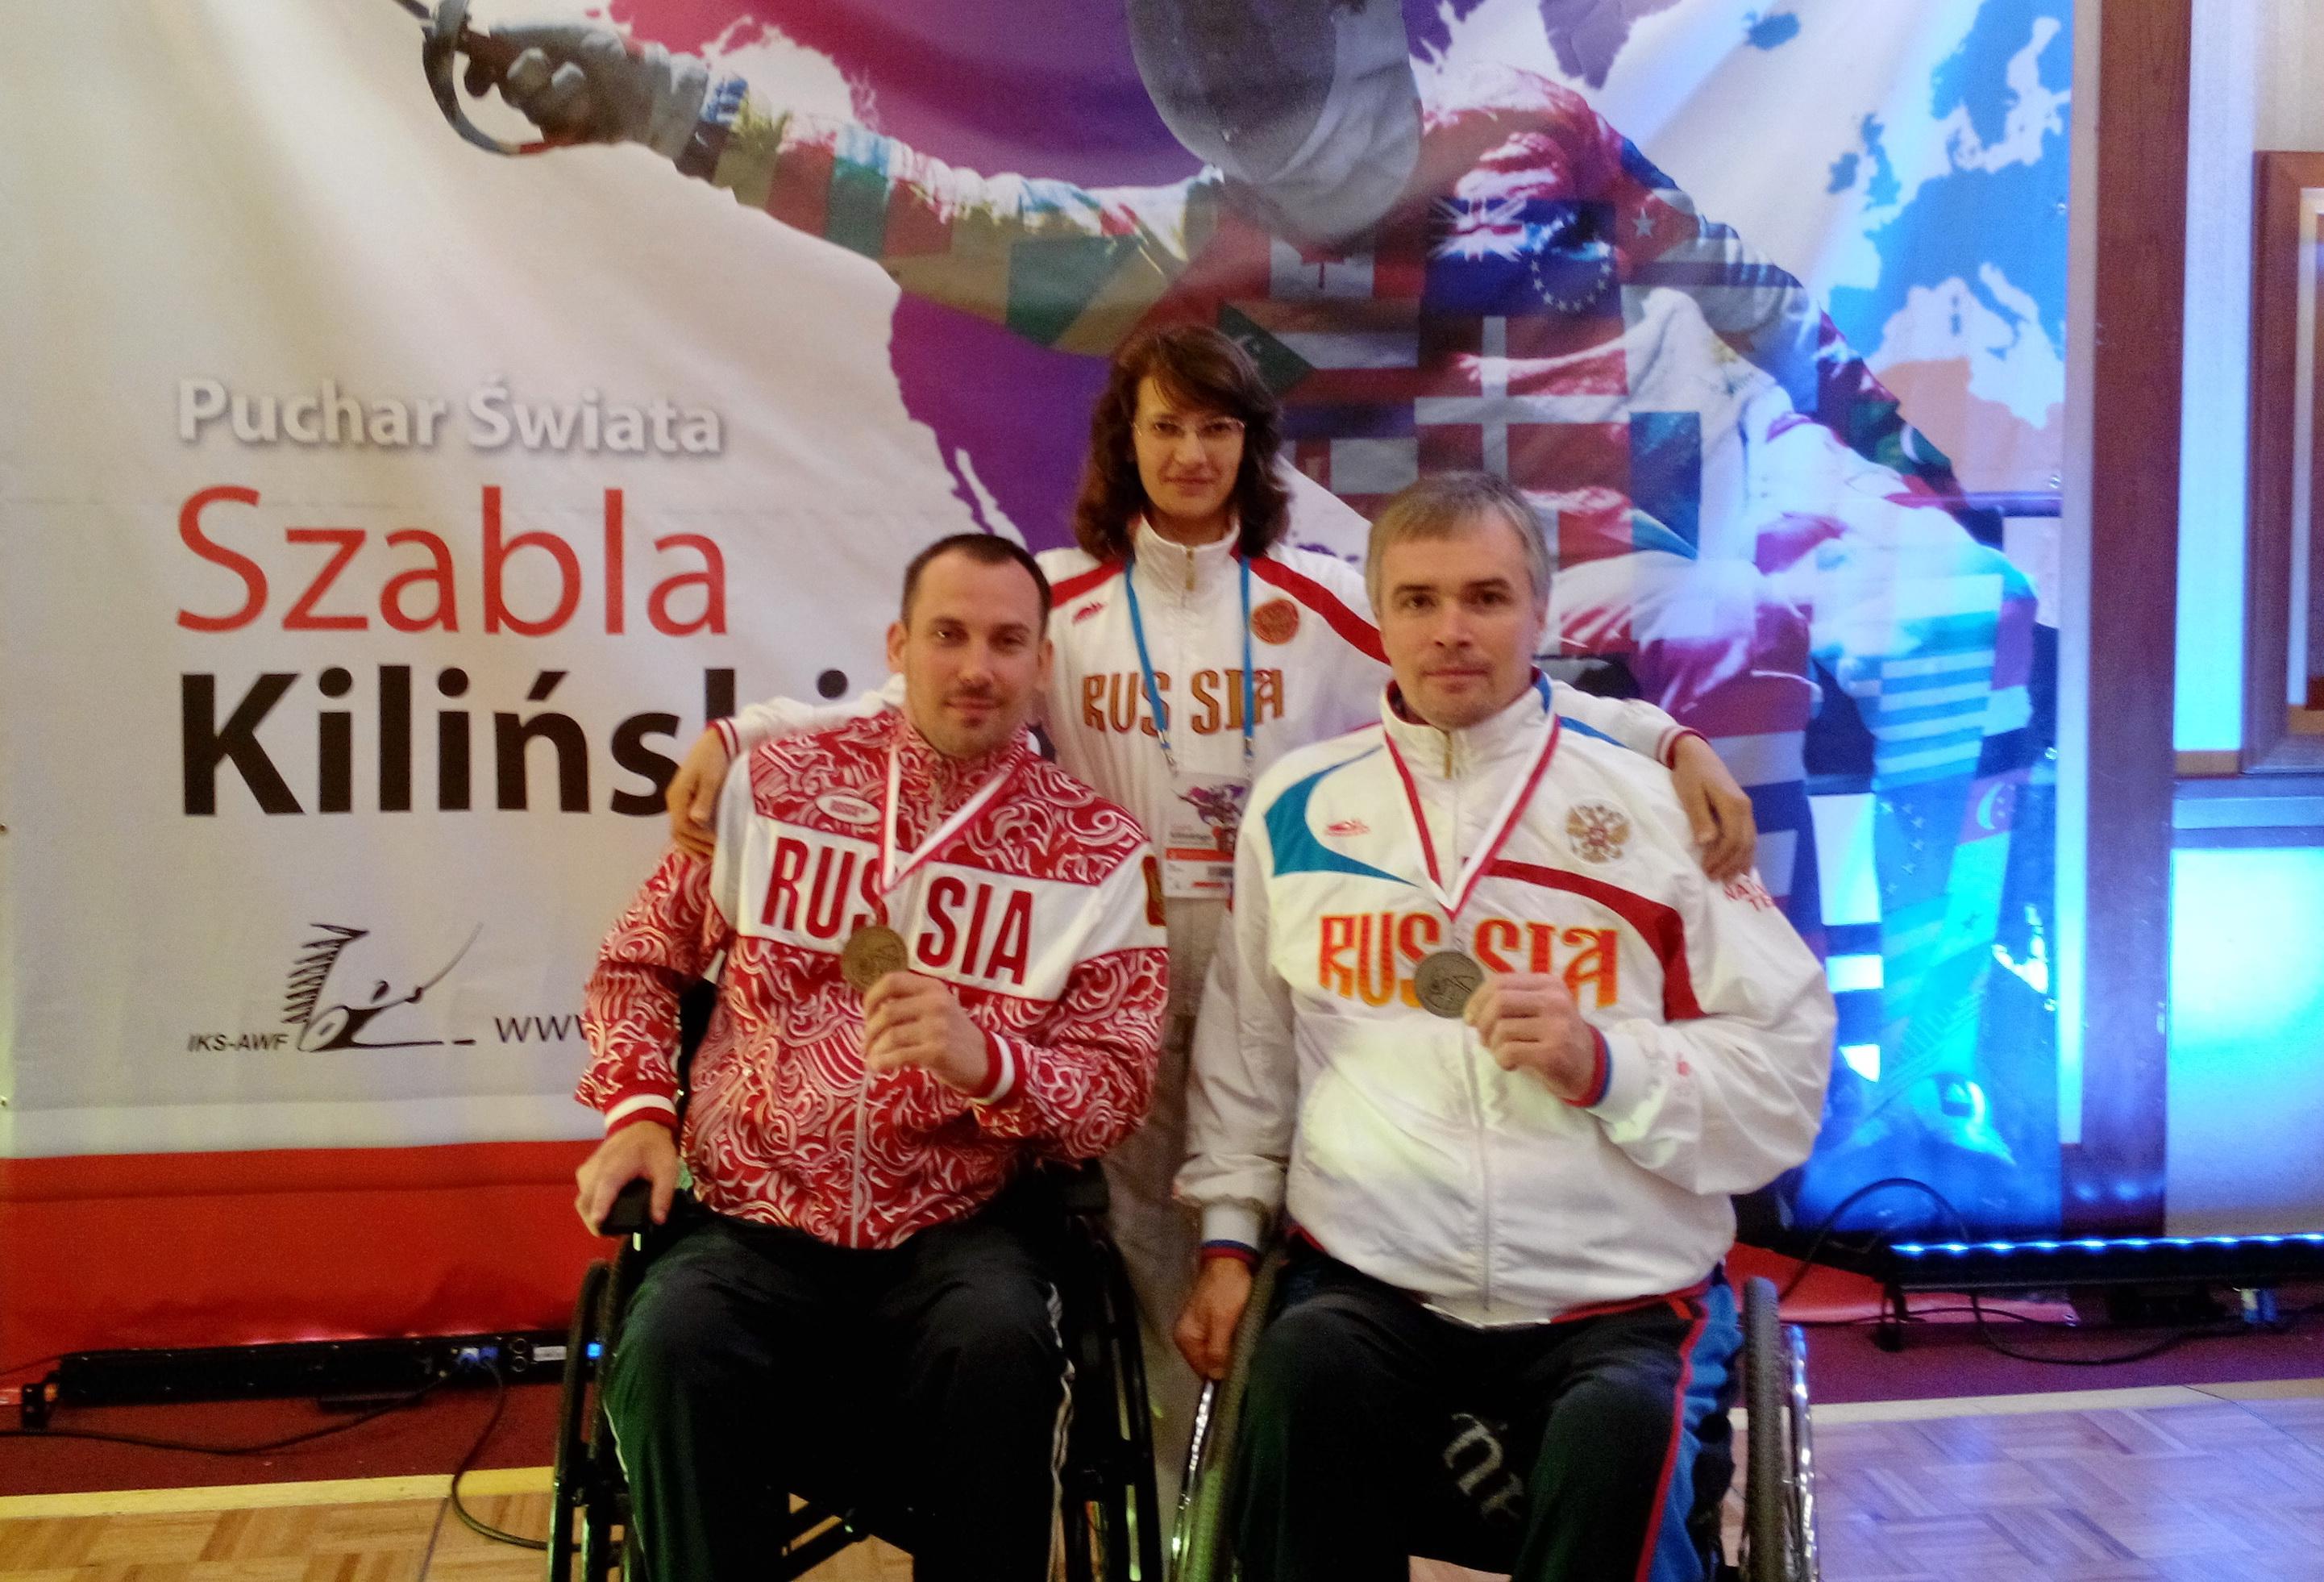 Вологодские спортсмены претендуют на участие в Паралимпийских Играх 2016 года